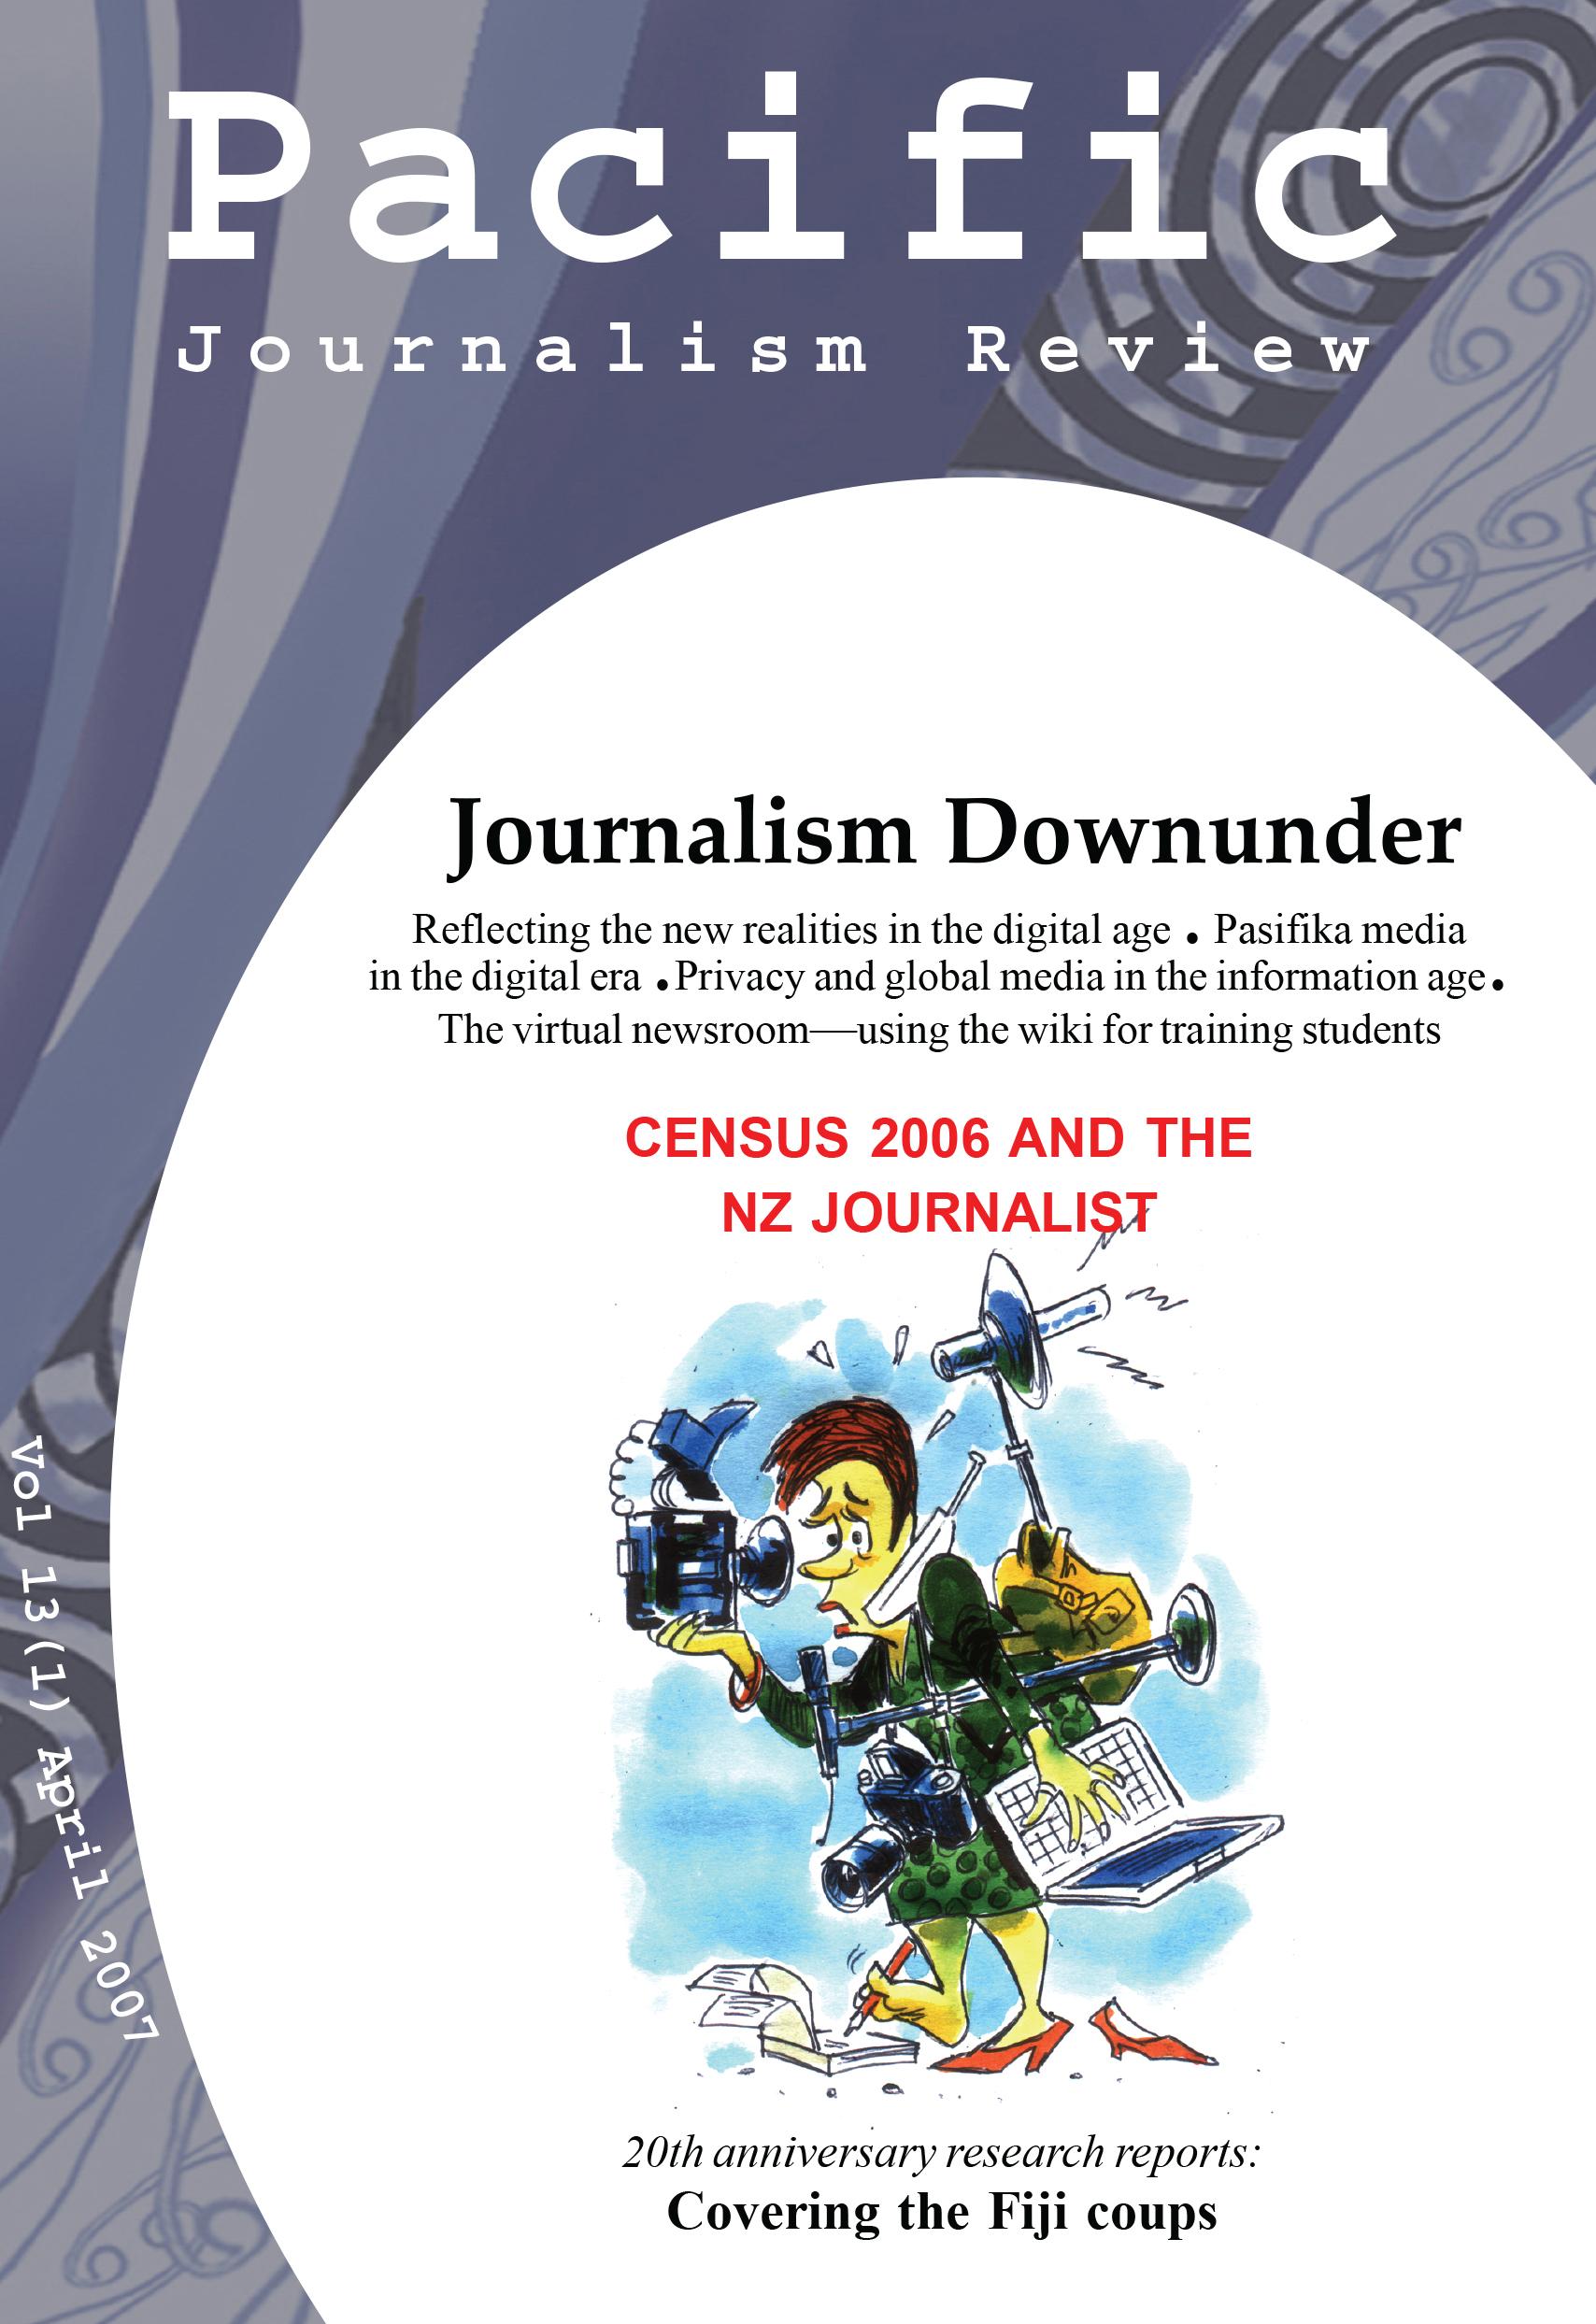 PJR cover 13(1) April 2007